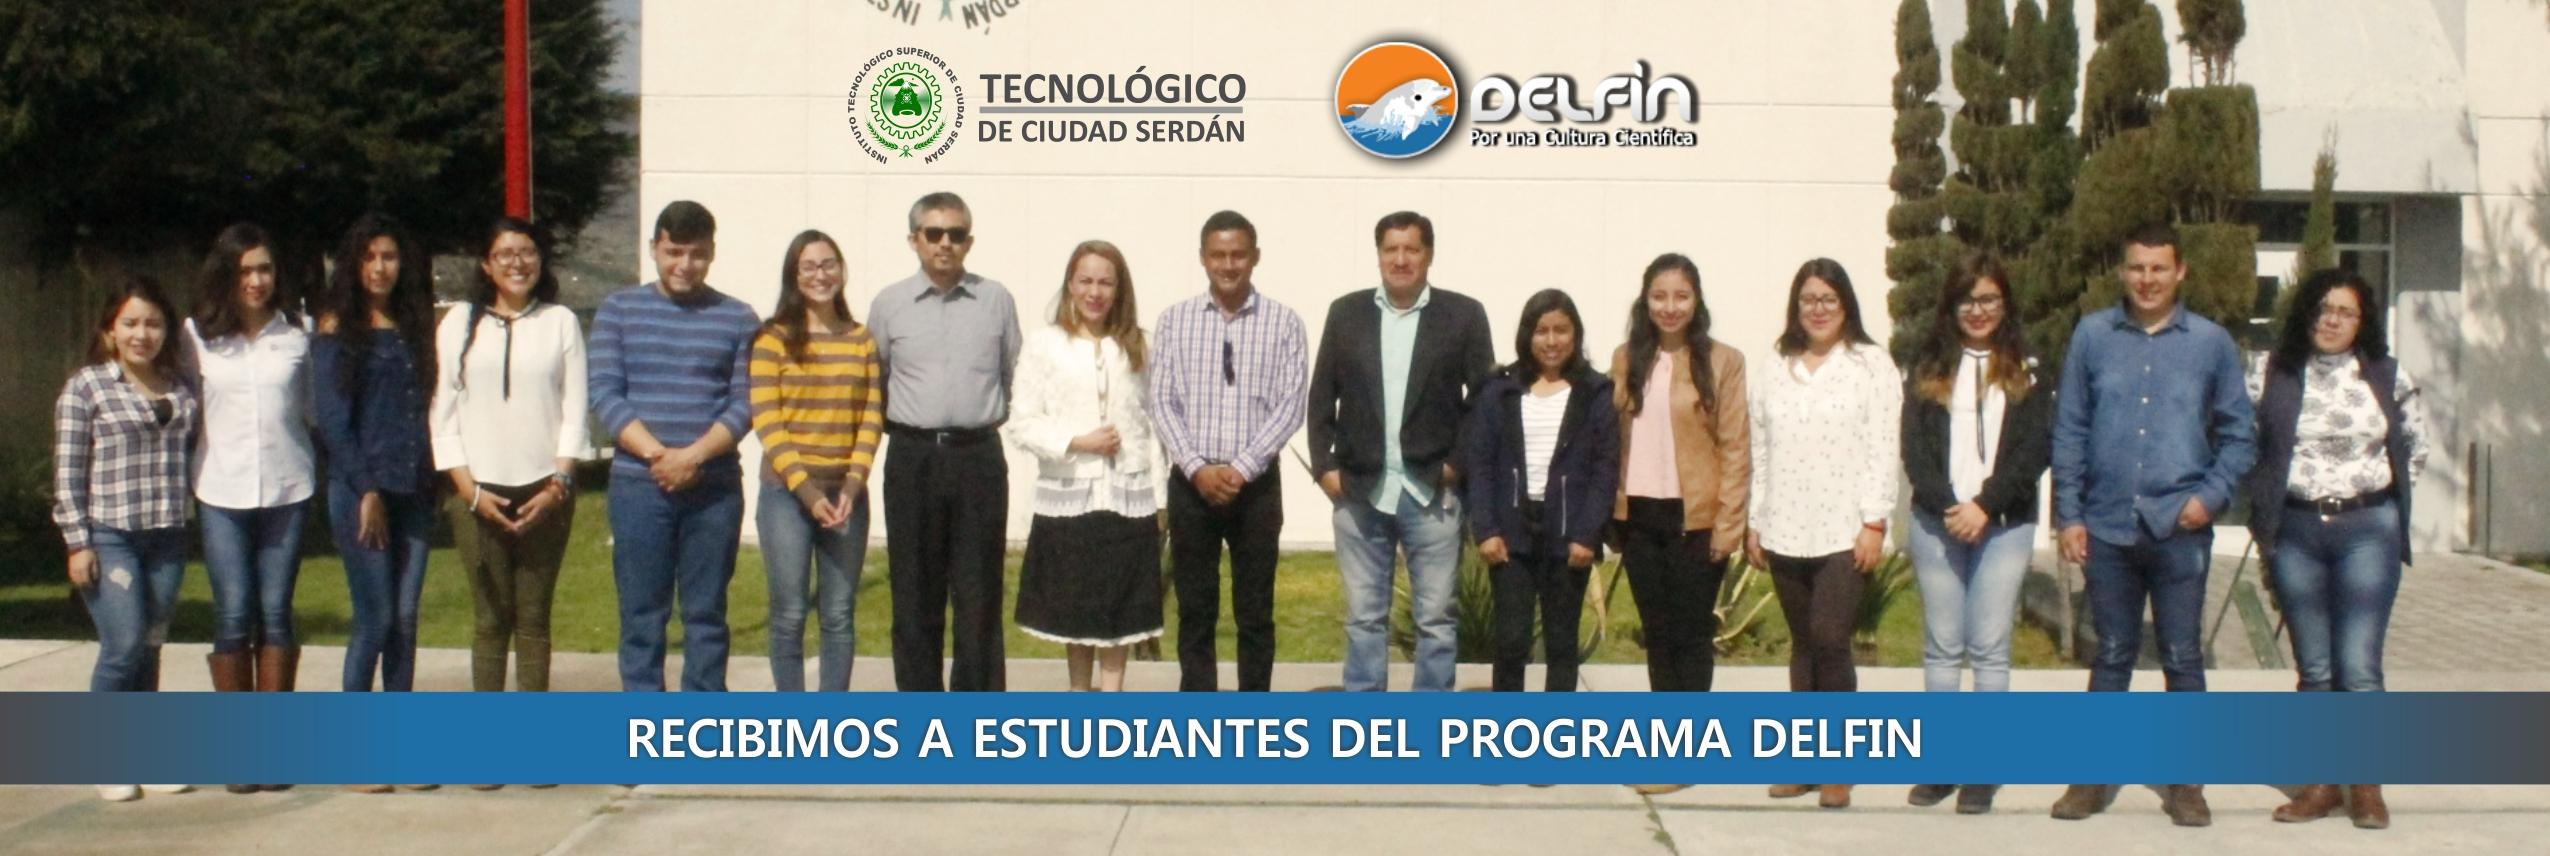 EL INSTITUTO TECNOLÓGICO SUPERIOR DE CIUDAD SERDAN RECIBE A ESTUDIANTES DEL PROGRAMA DELFÍN